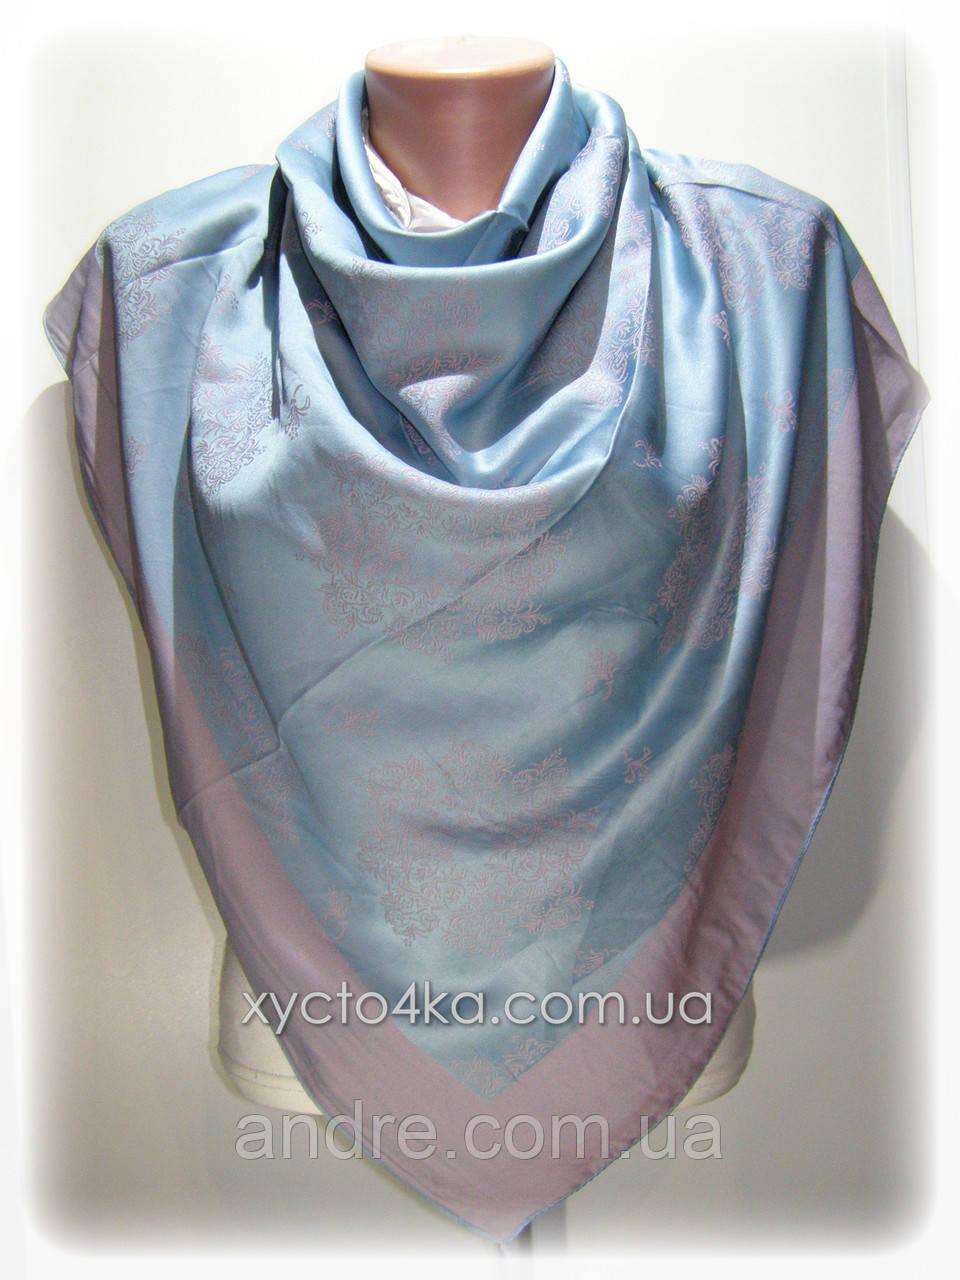 Двусторонний шелковый платок Хамелеон, бирюзовый с розовым